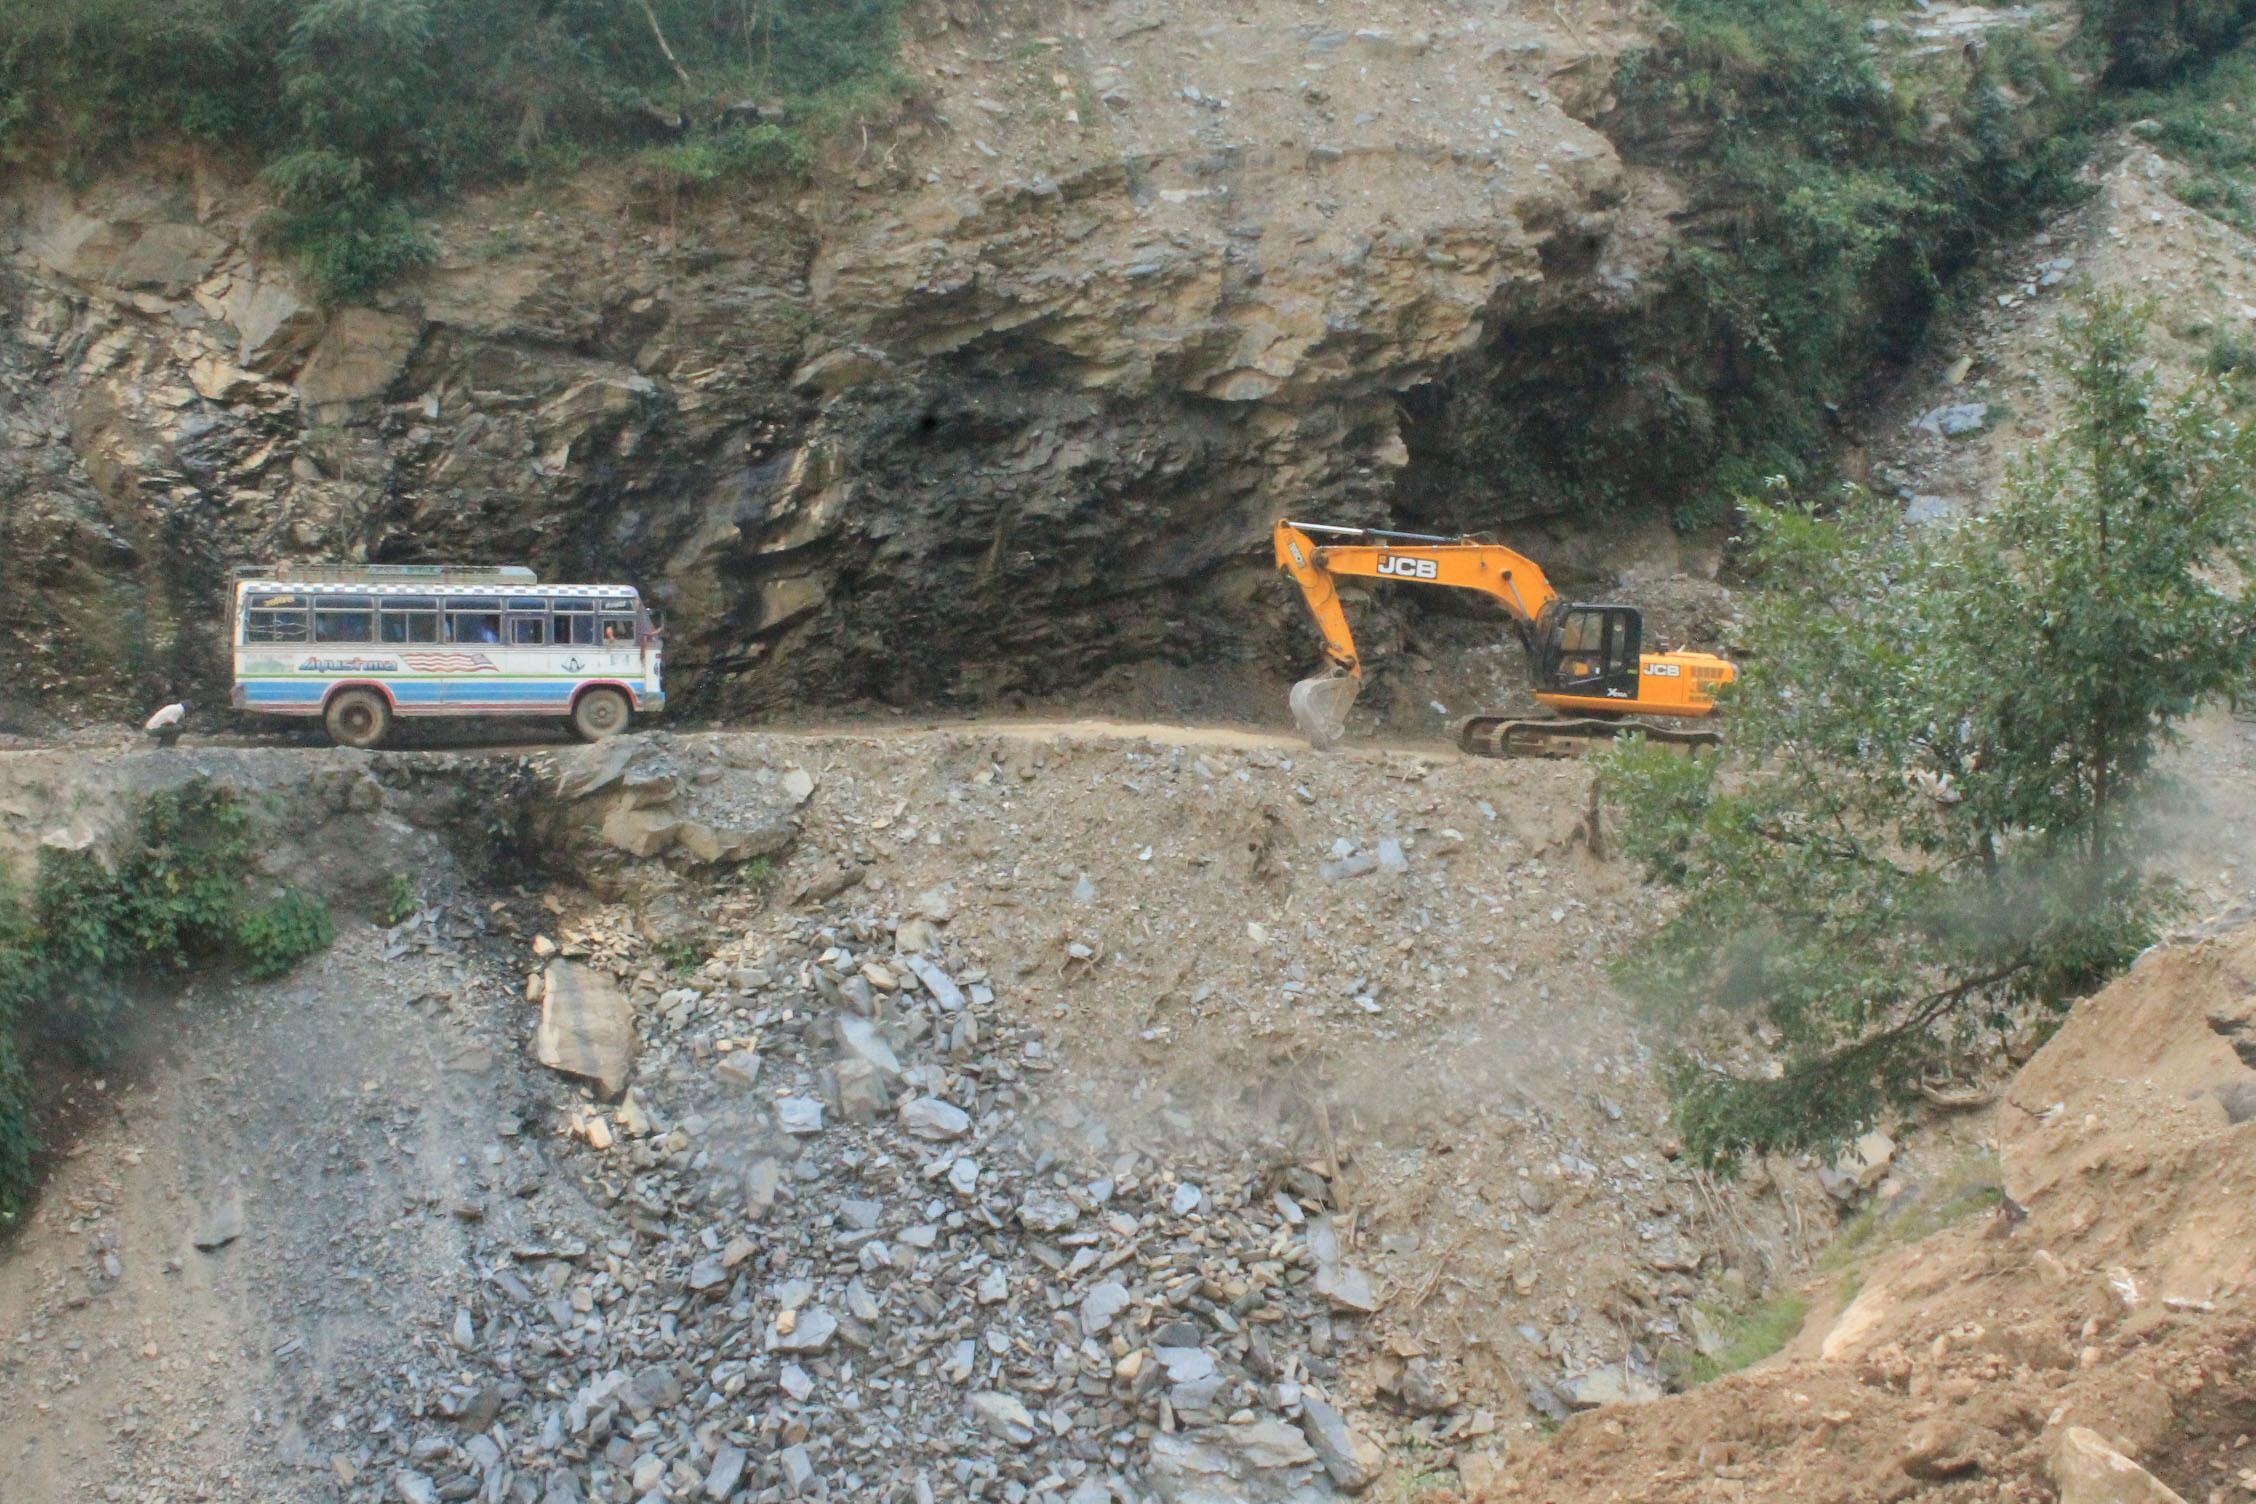 कालीगण्डकी कोरिडोरको मालढुंगा–बलेवा सडकको निर्माण, अब हस्तान्तरण गरिने